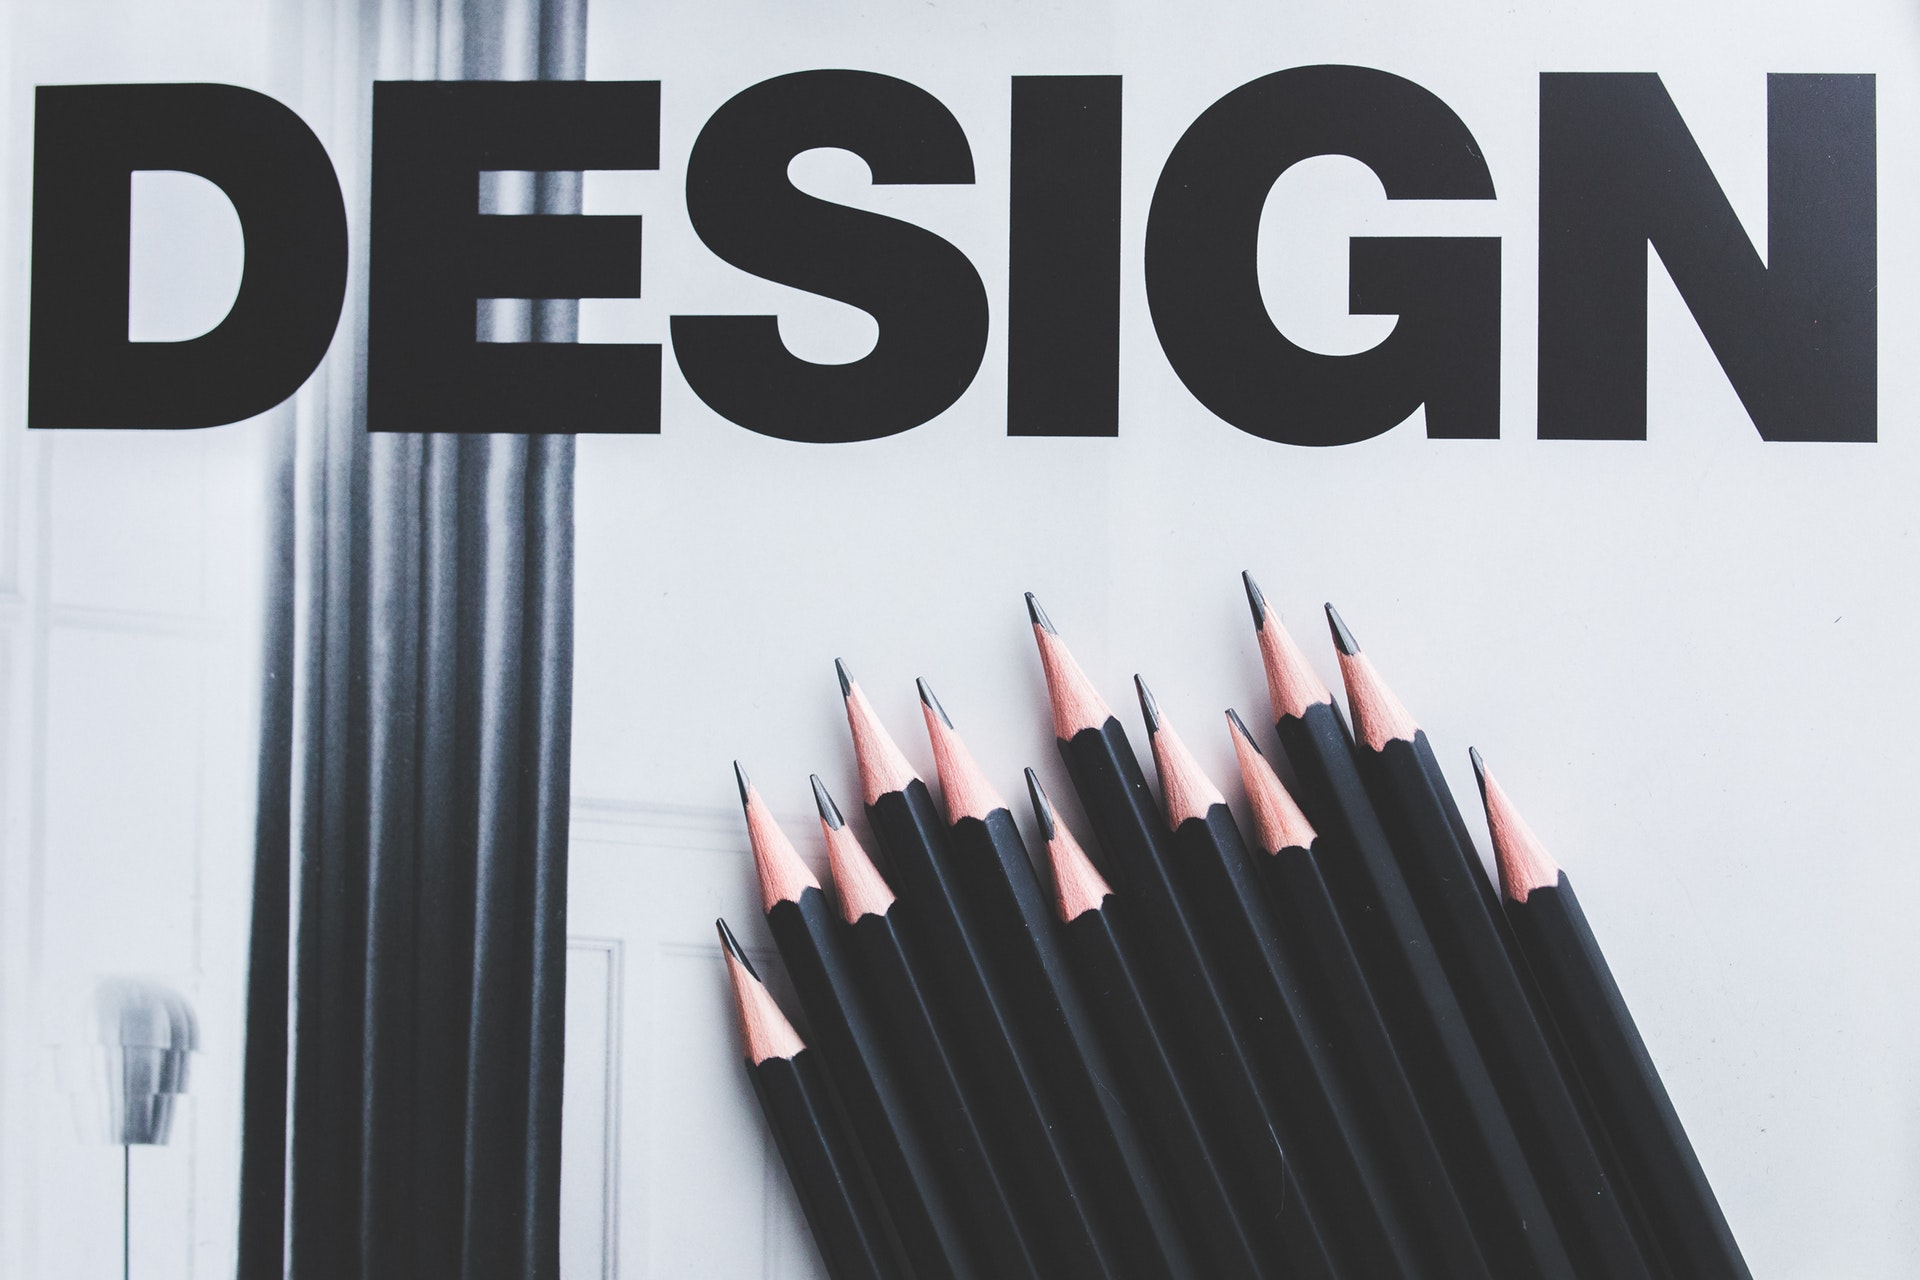 branding-design-pencils-6444